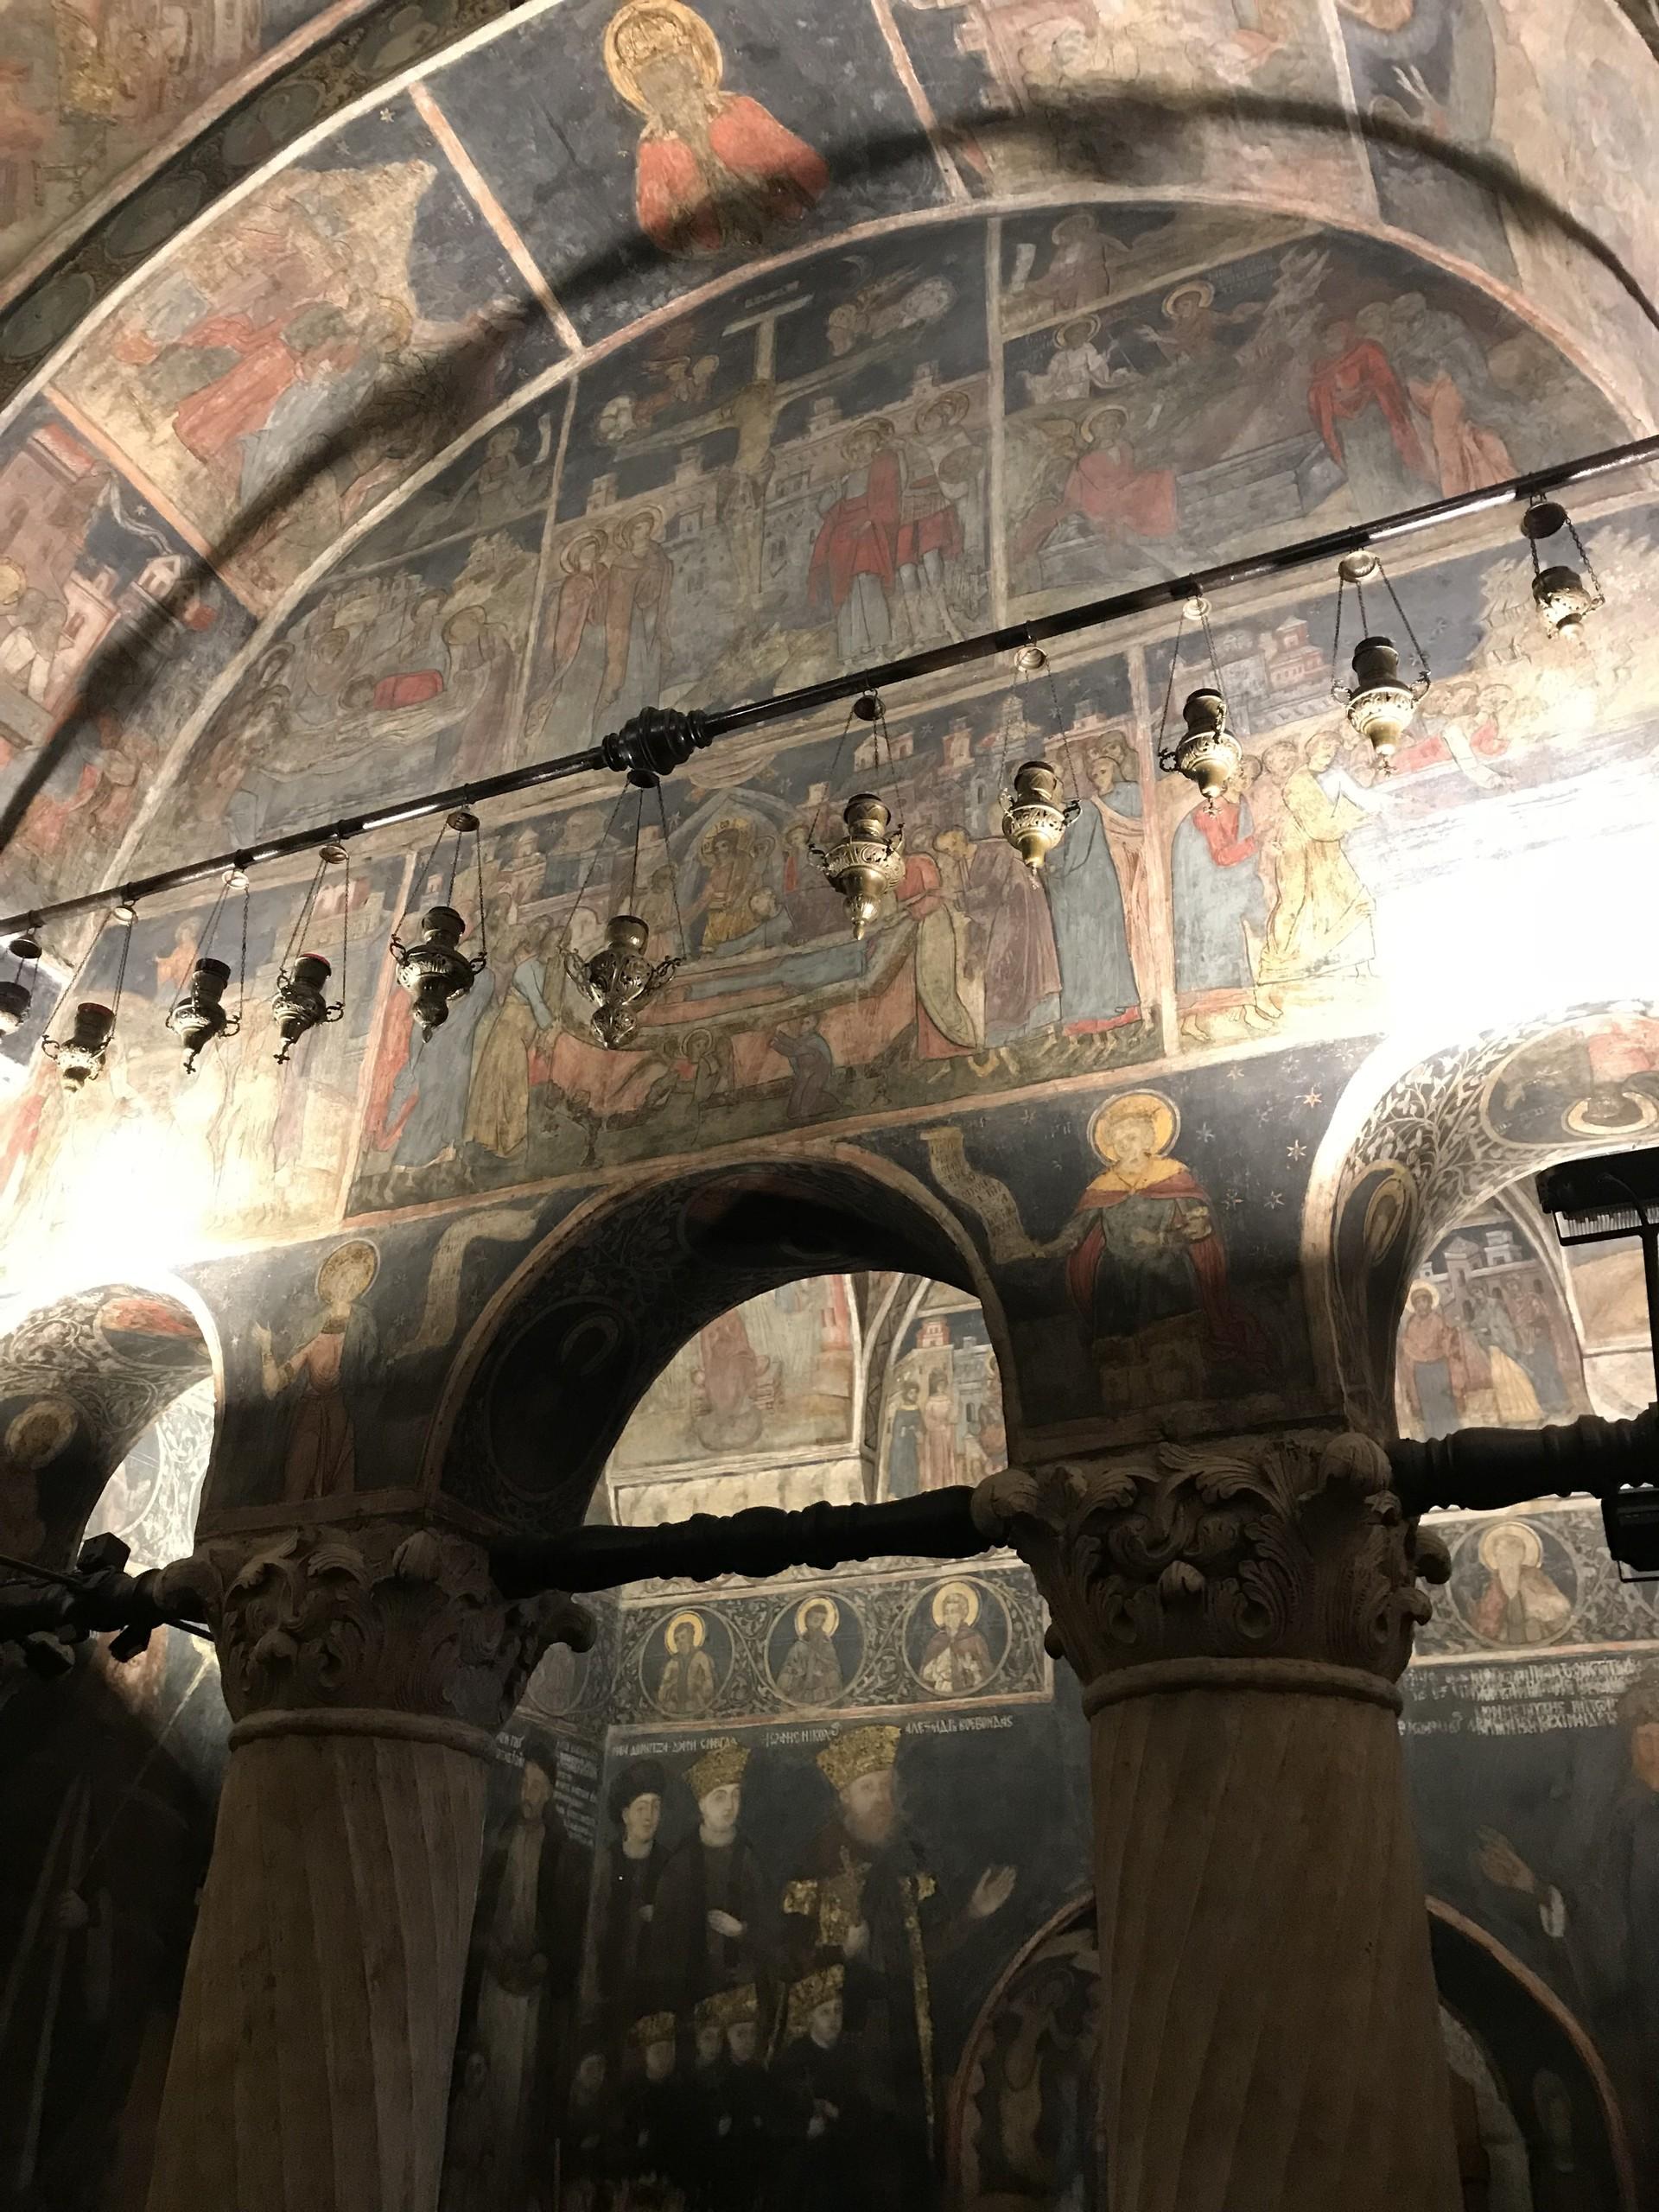 biserica-stavropoleos-c27e24eb1e2da20f77